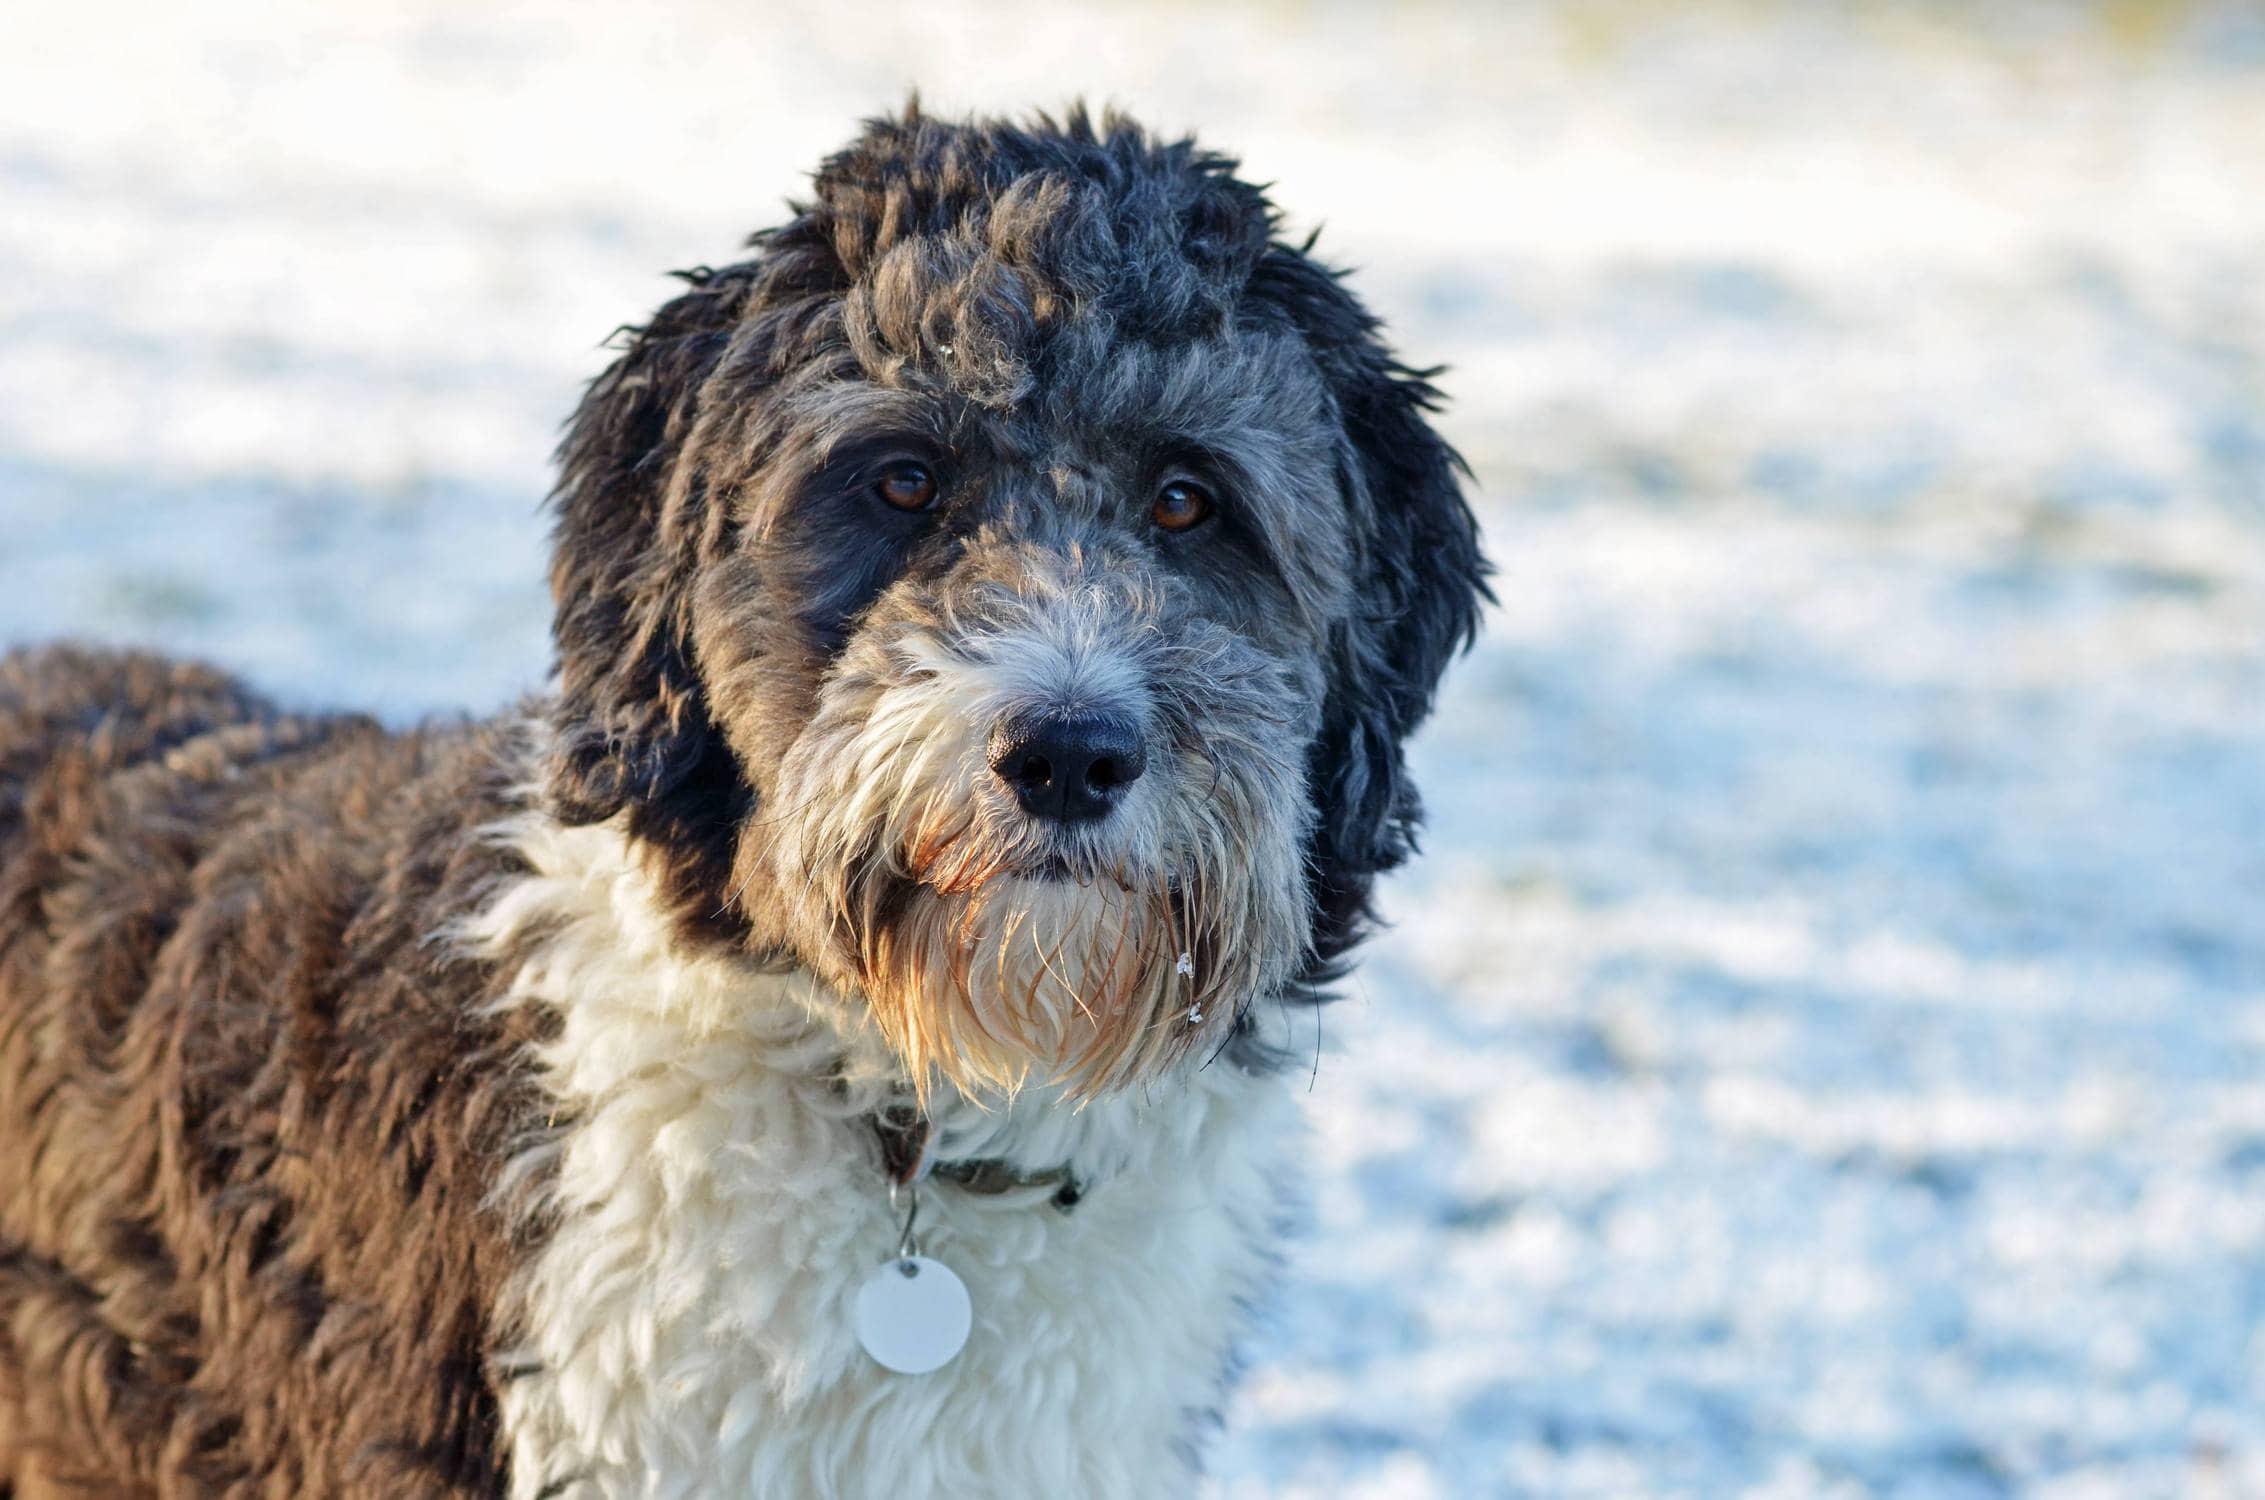 Australian shepherd poodle mix